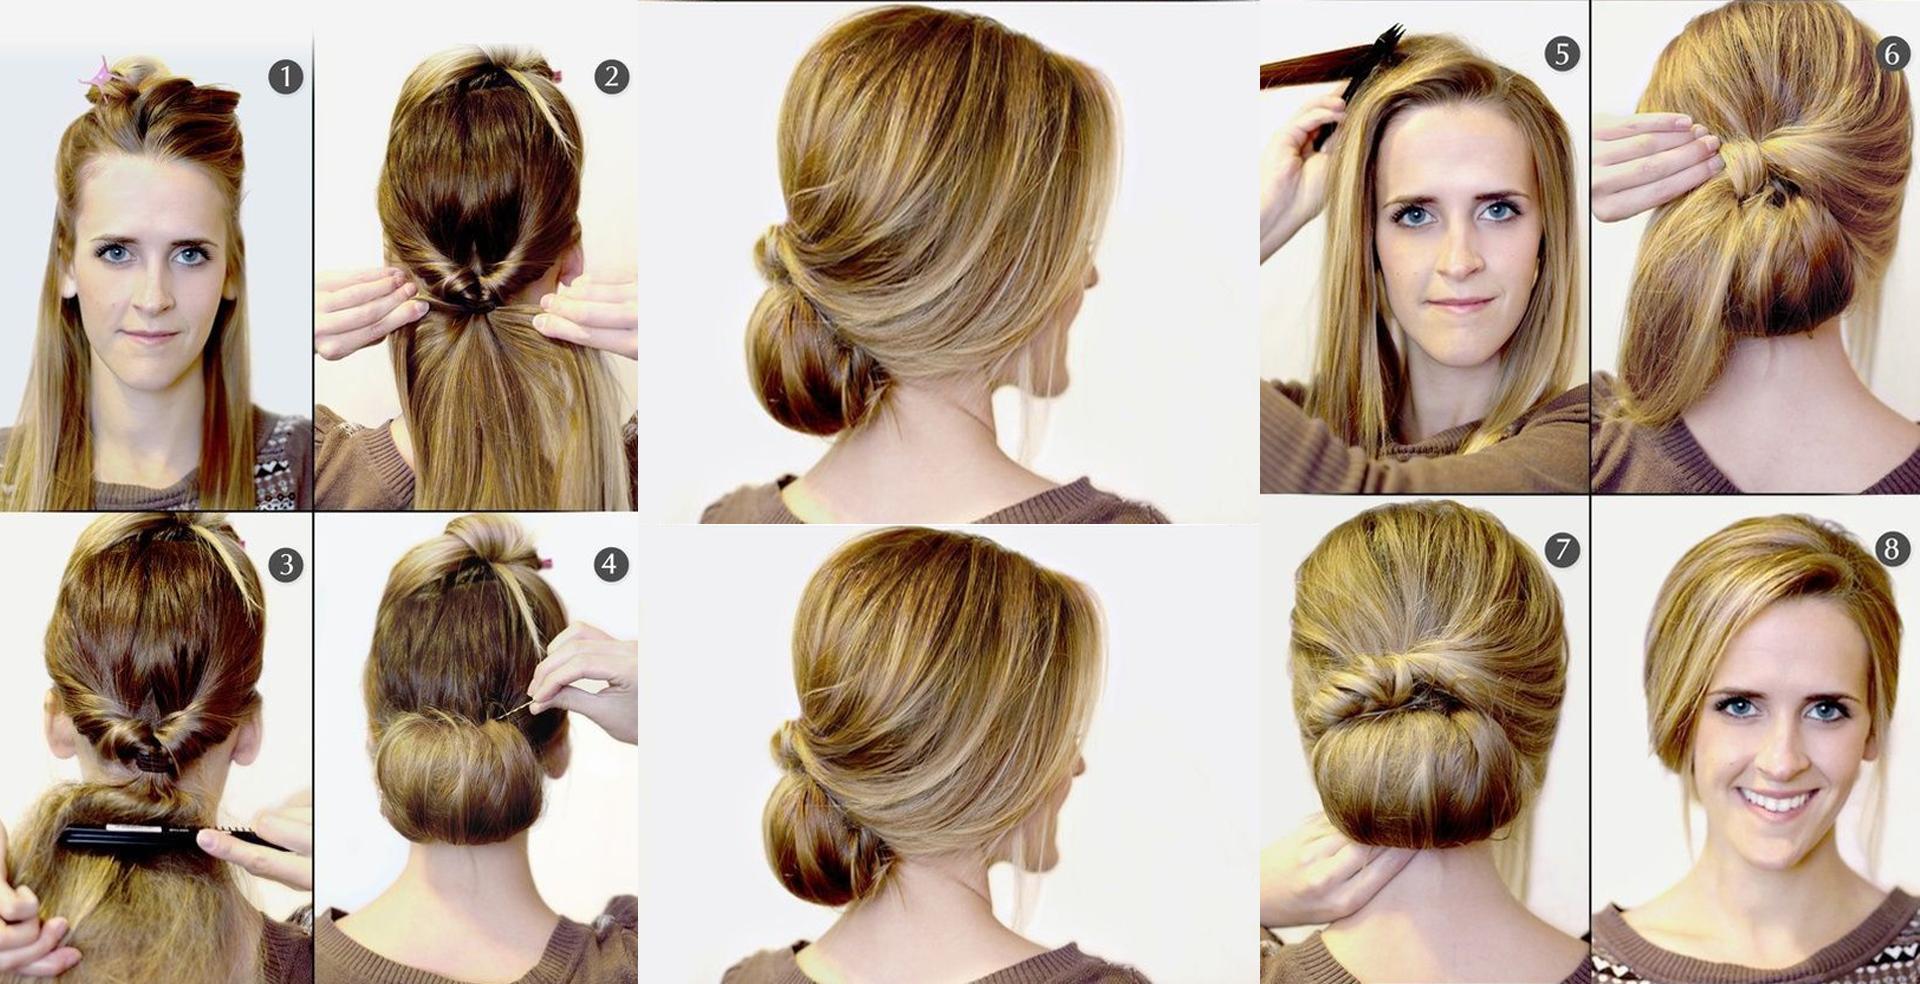 15 Peinados Para Fiestas Que Son Totalmente Fantasticos - Como-hacer-peinados-de-fiesta-faciles-paso-a-paso